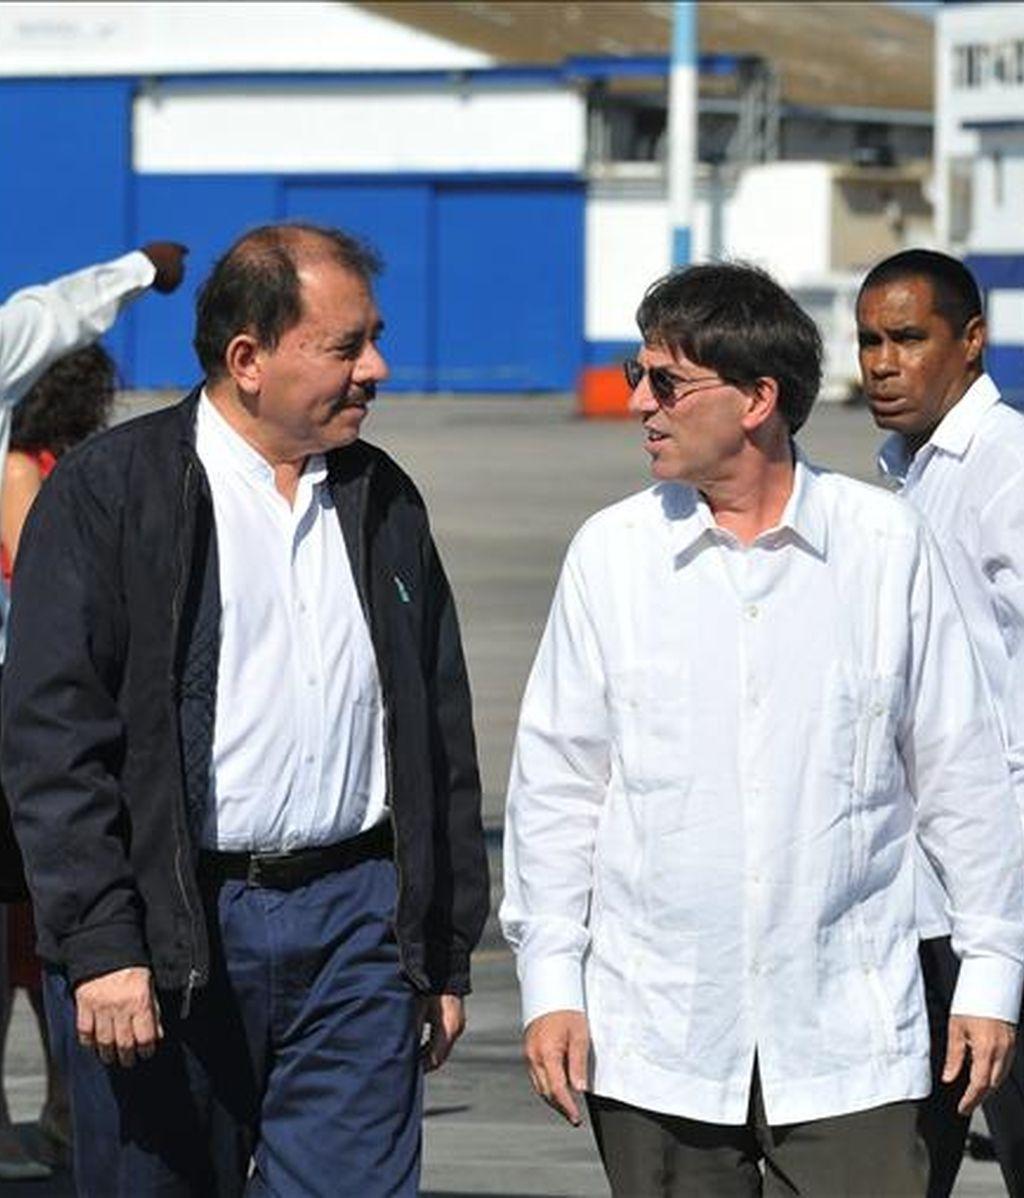 El presidente de Nicaragua, Daniel Ortega (i), fue recibido por el canciller cubano, Bruno Rodríguez, en La Habana (Cuba). Ortega realiza una visita oficial a la isla en la que se reunirá con su homólogo Raúl Castro. EFE